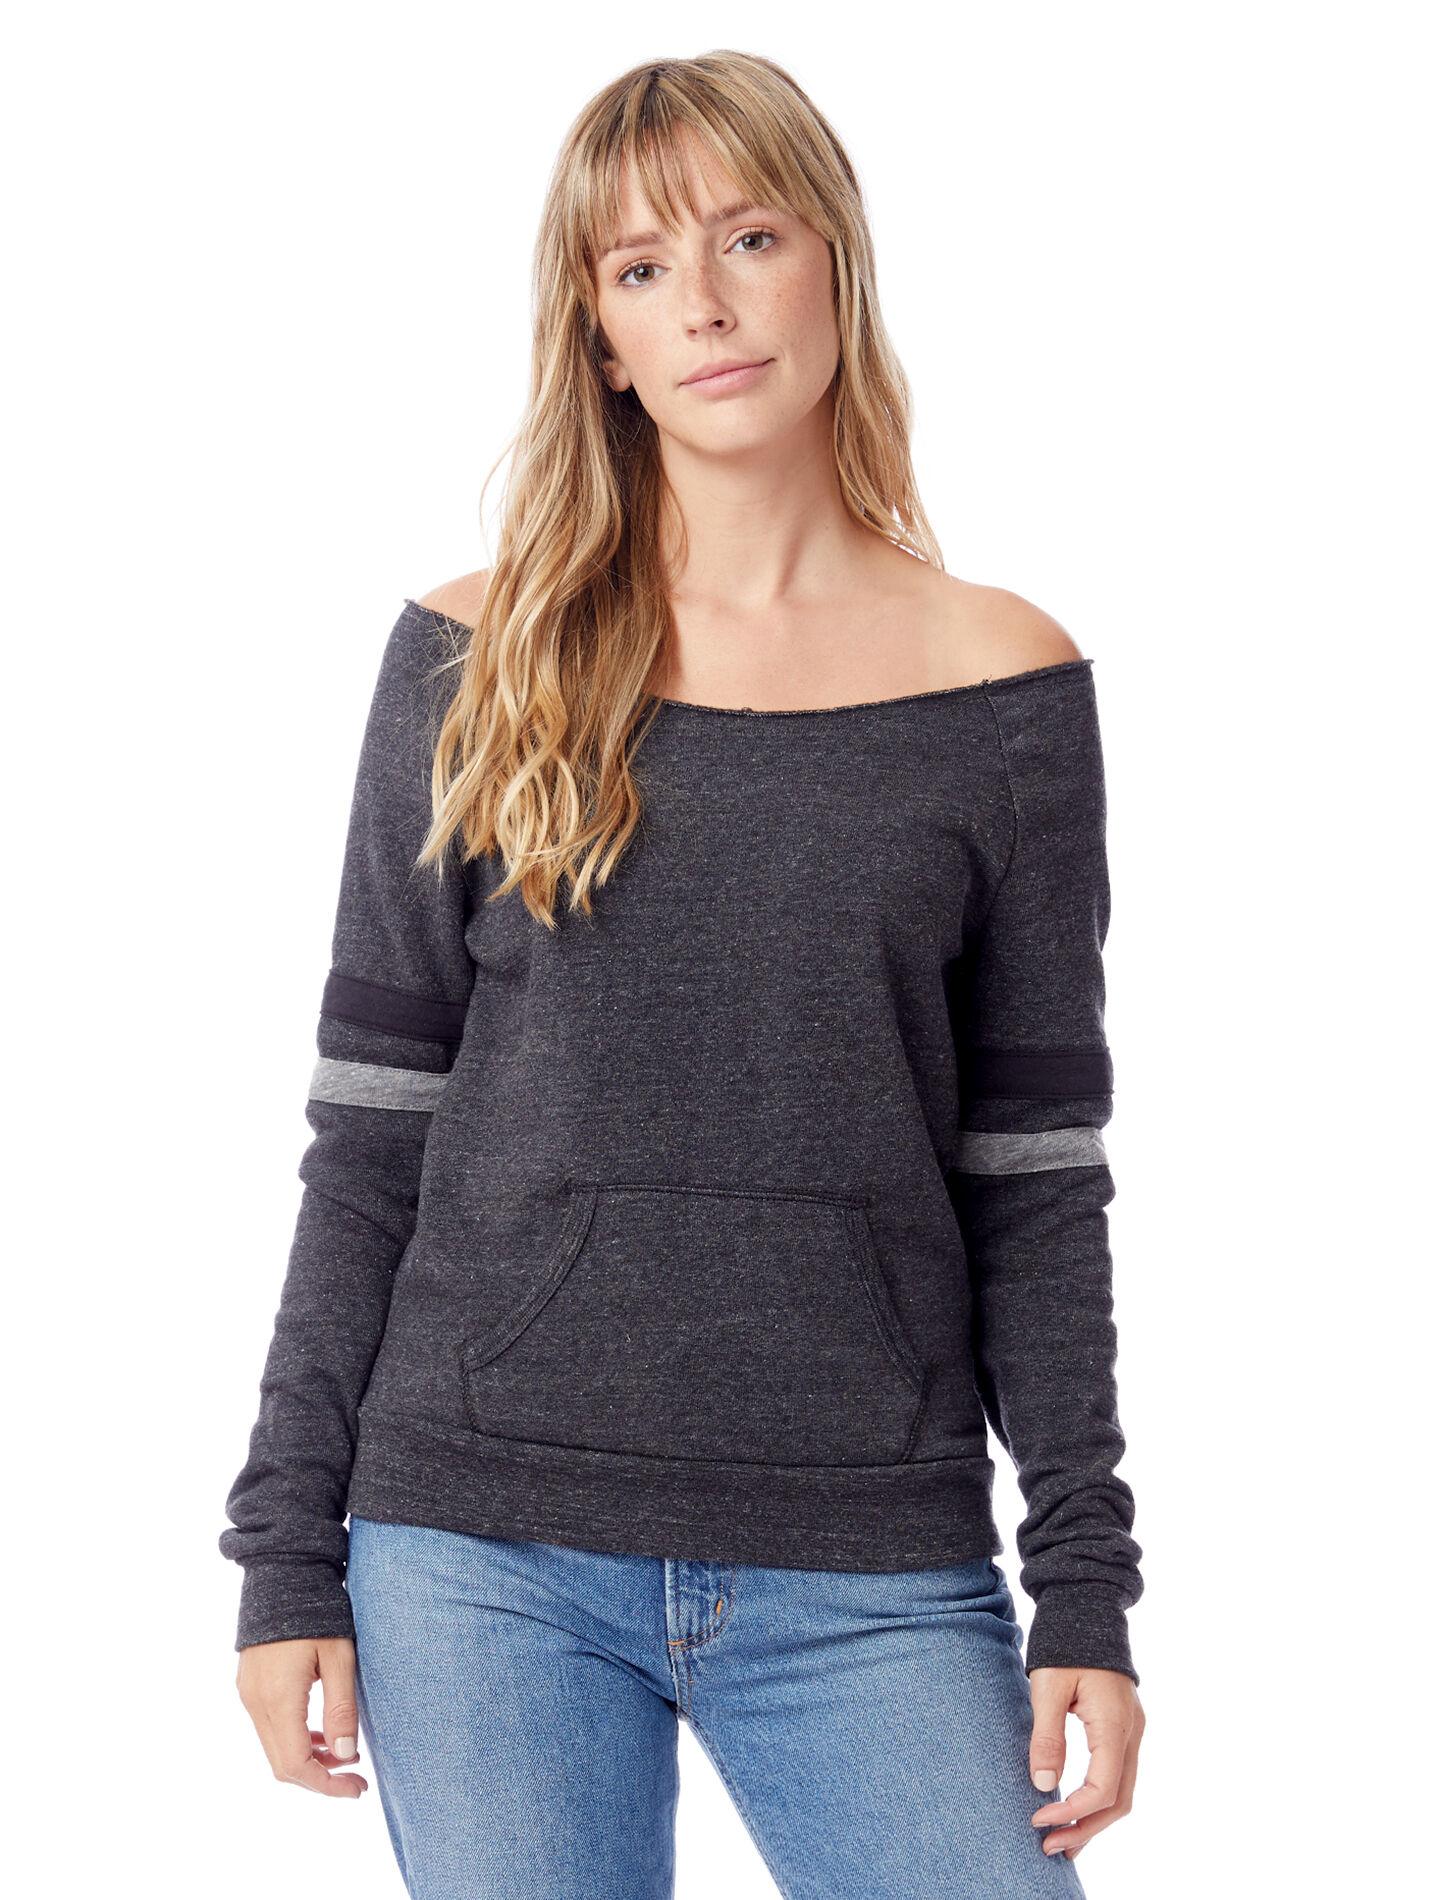 Alternative Apparel Maniac Sport Eco-Fleece Sweatshirt - Eco Black - Size: S